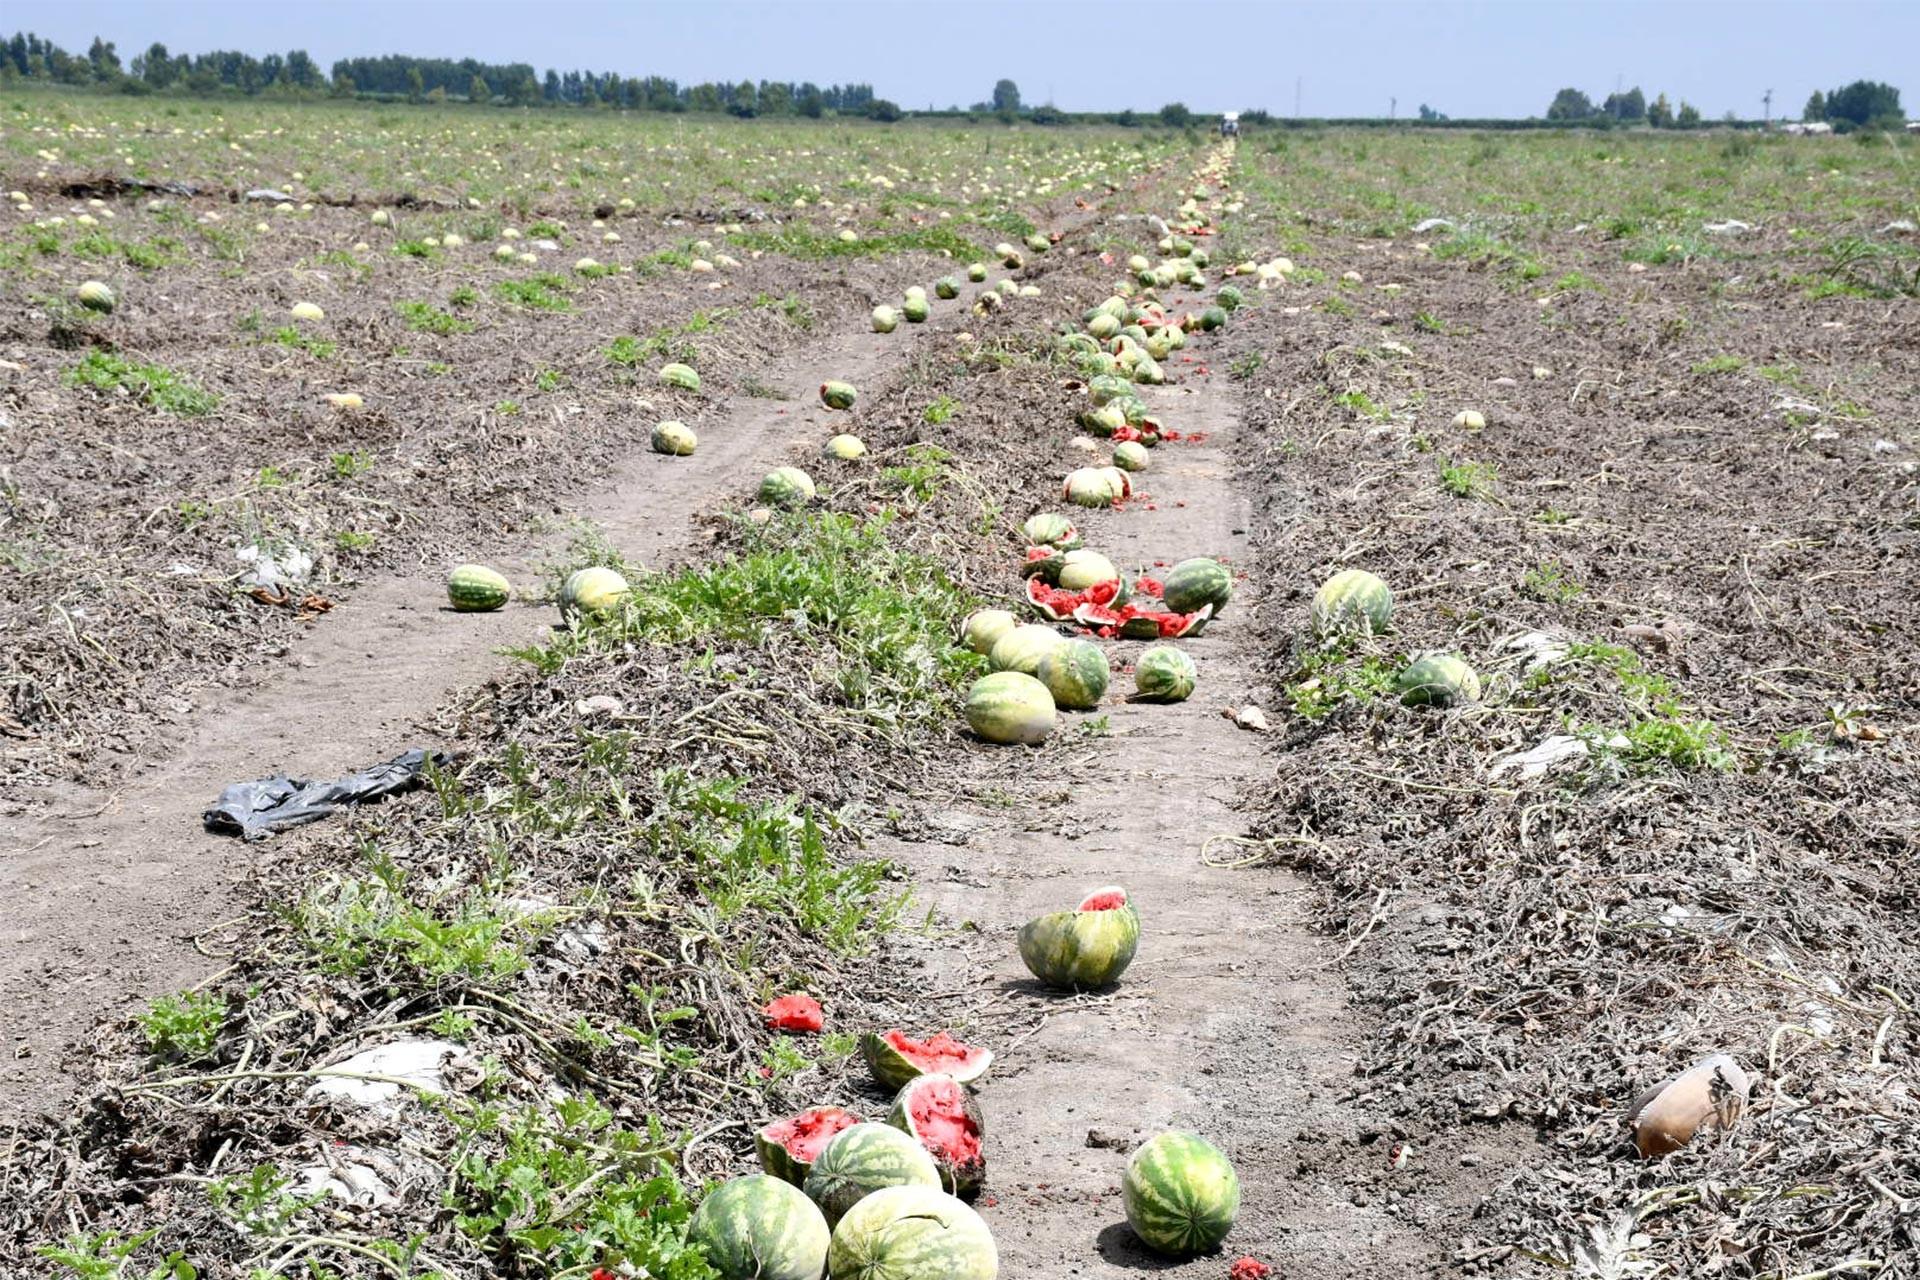 Karpuzun kilogram fiyatı tarlada 10 kuruşa kadar düşünce üreticiler hasat etmedi